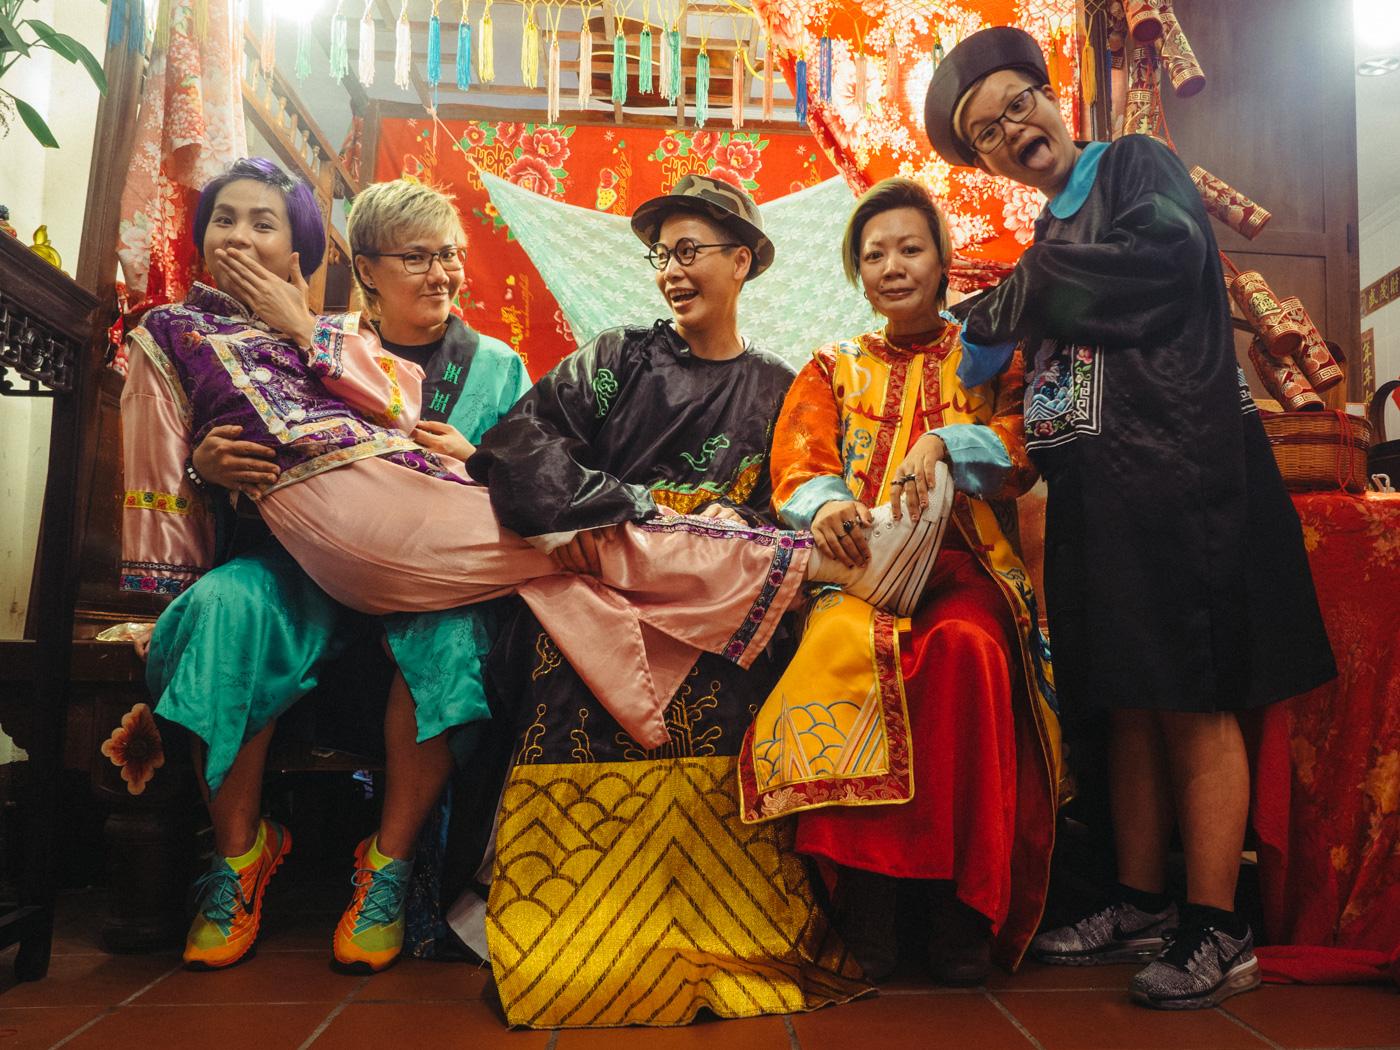 Taiwan - Shifen - Funny dressup shot